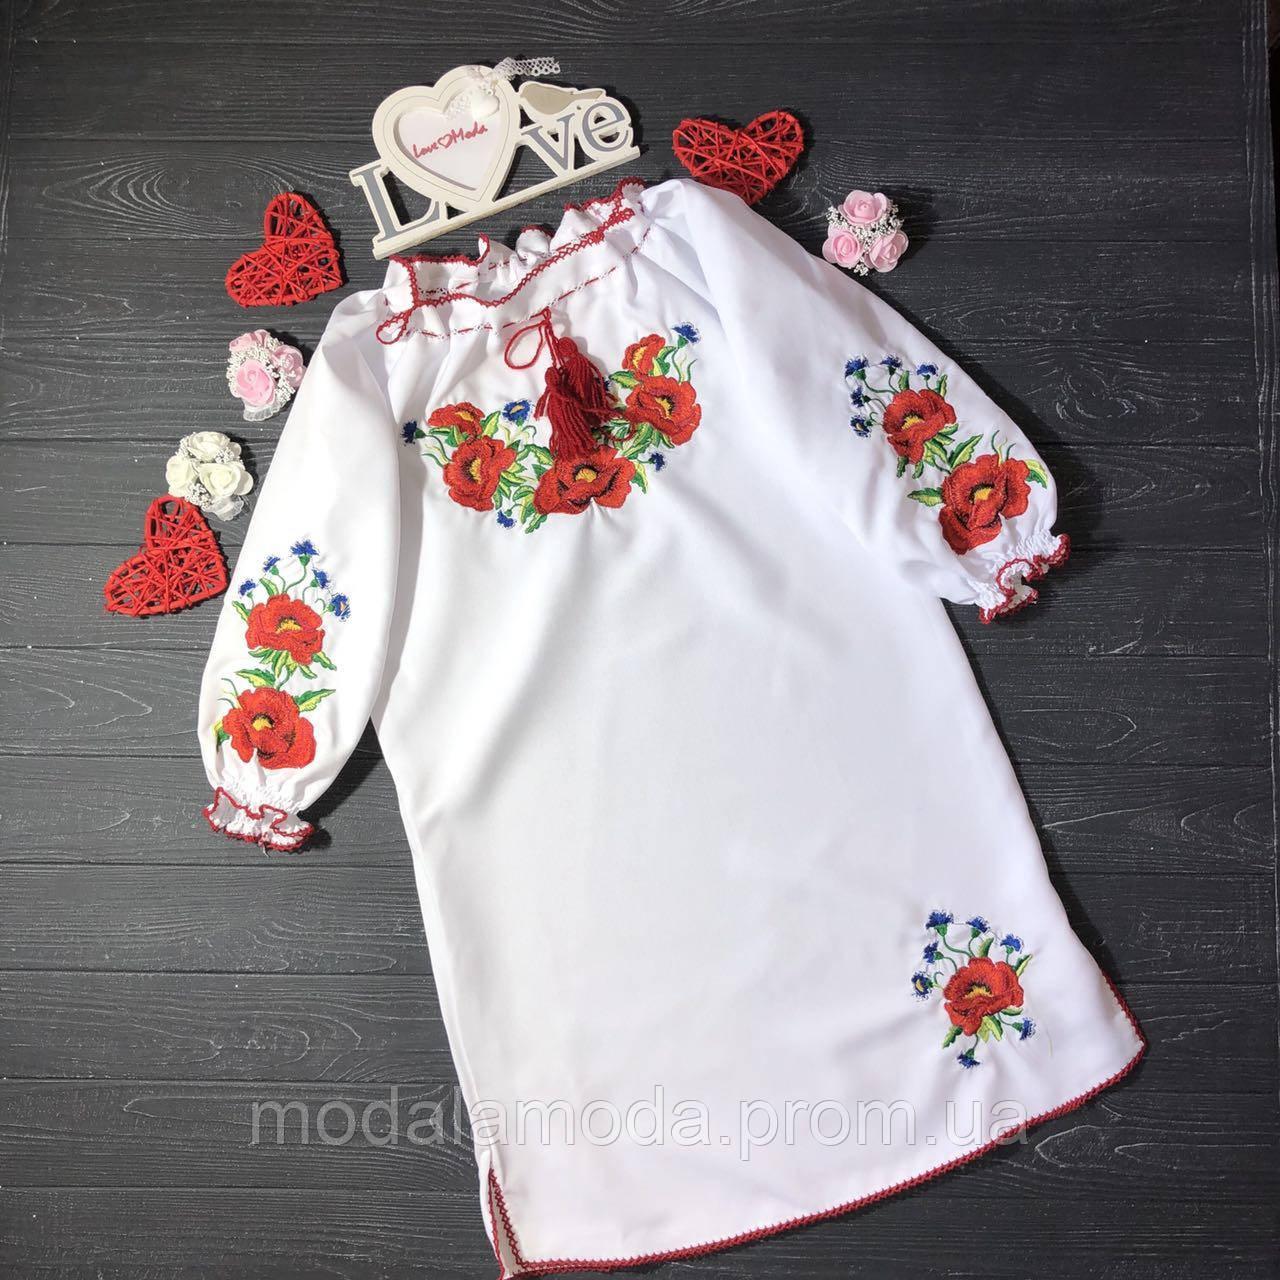 Платье вышитое белое для девочки с красивыми маками